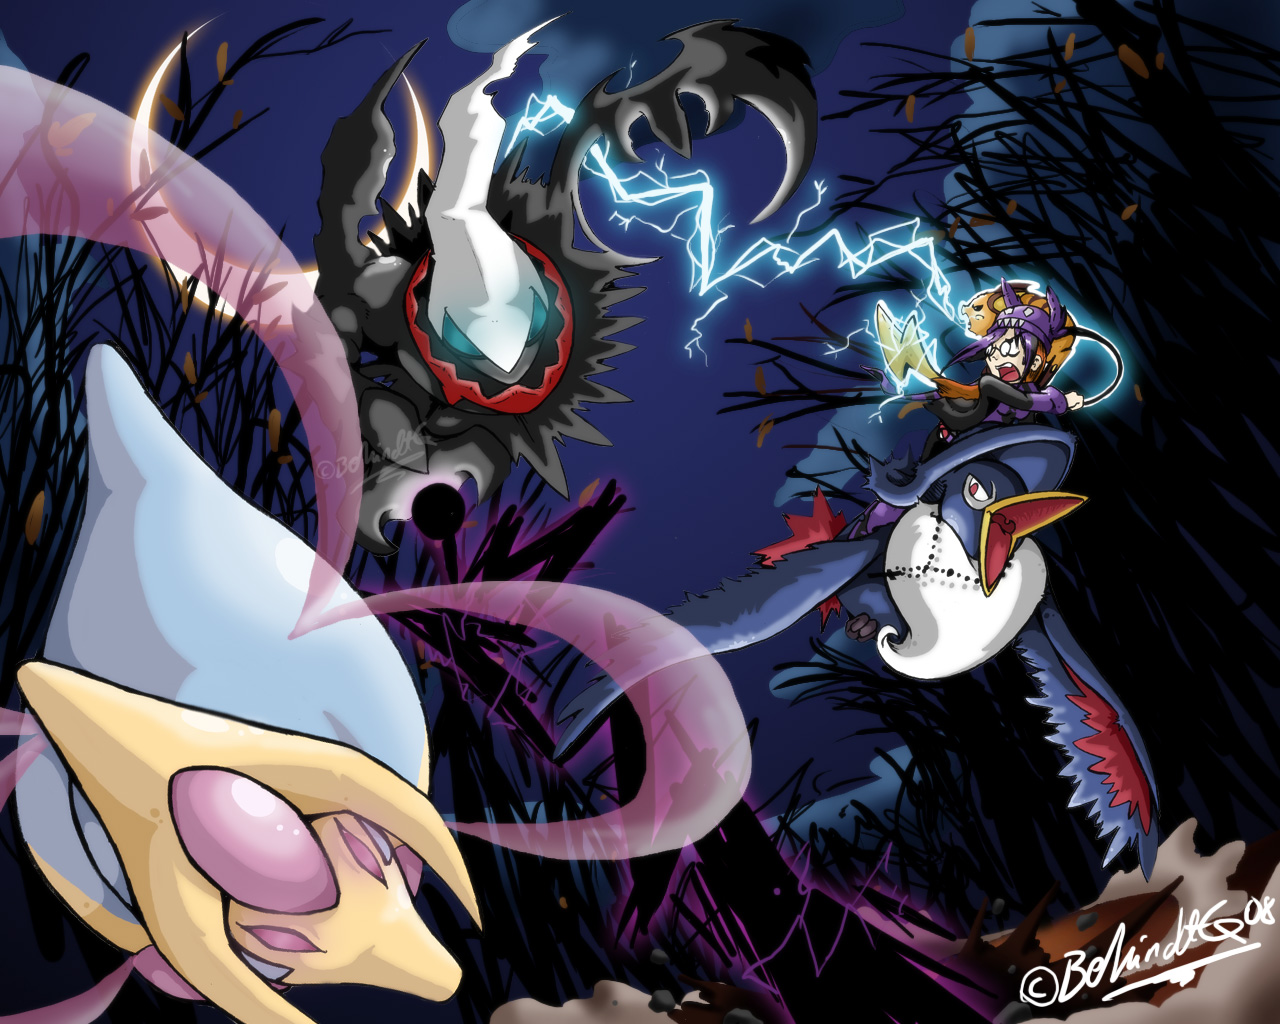 口袋妖怪XY最新游戏壁纸欣赏 精灵间的对决